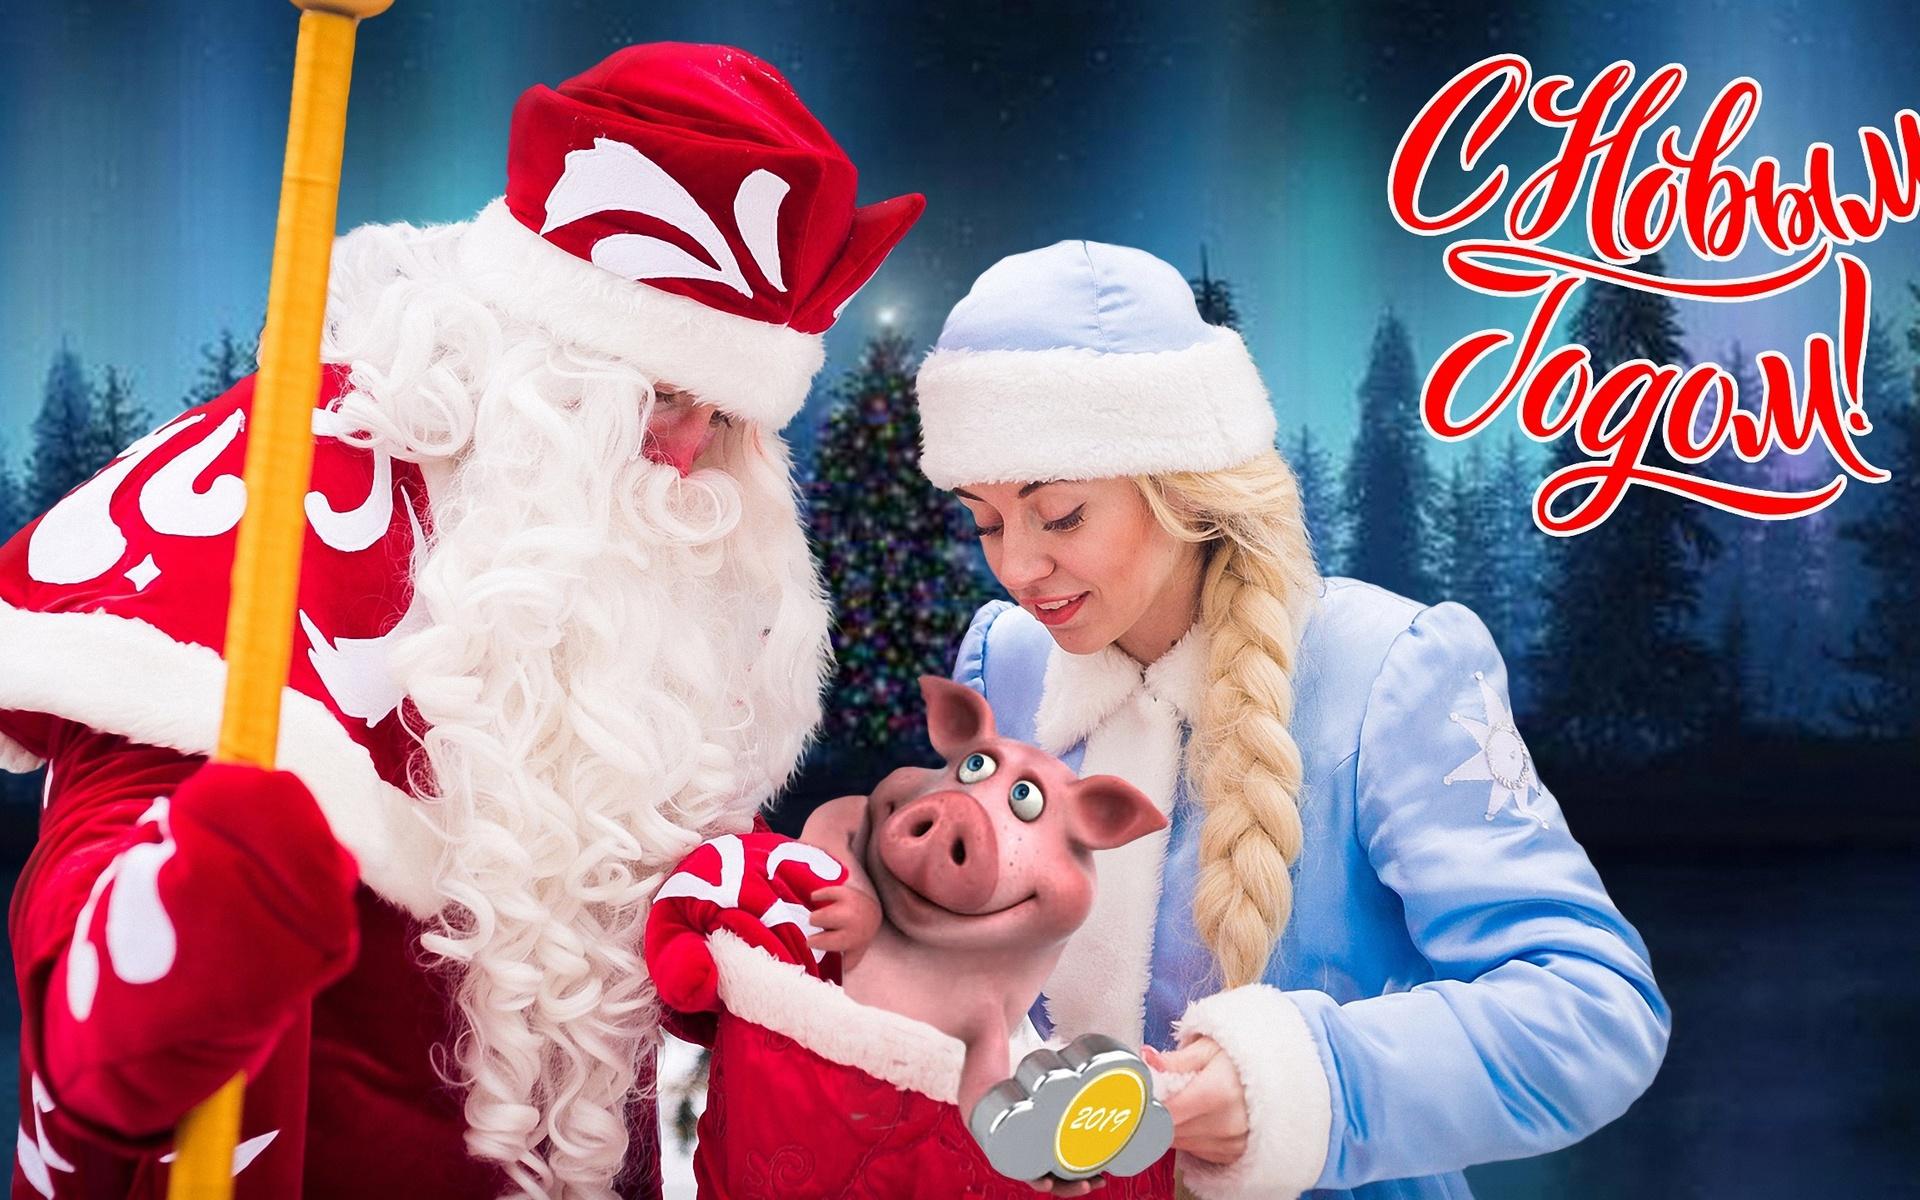 с новым, годом, зима, дед мороз, снегурочка, свинья, 2019,новый год, праздник, иллюстрация